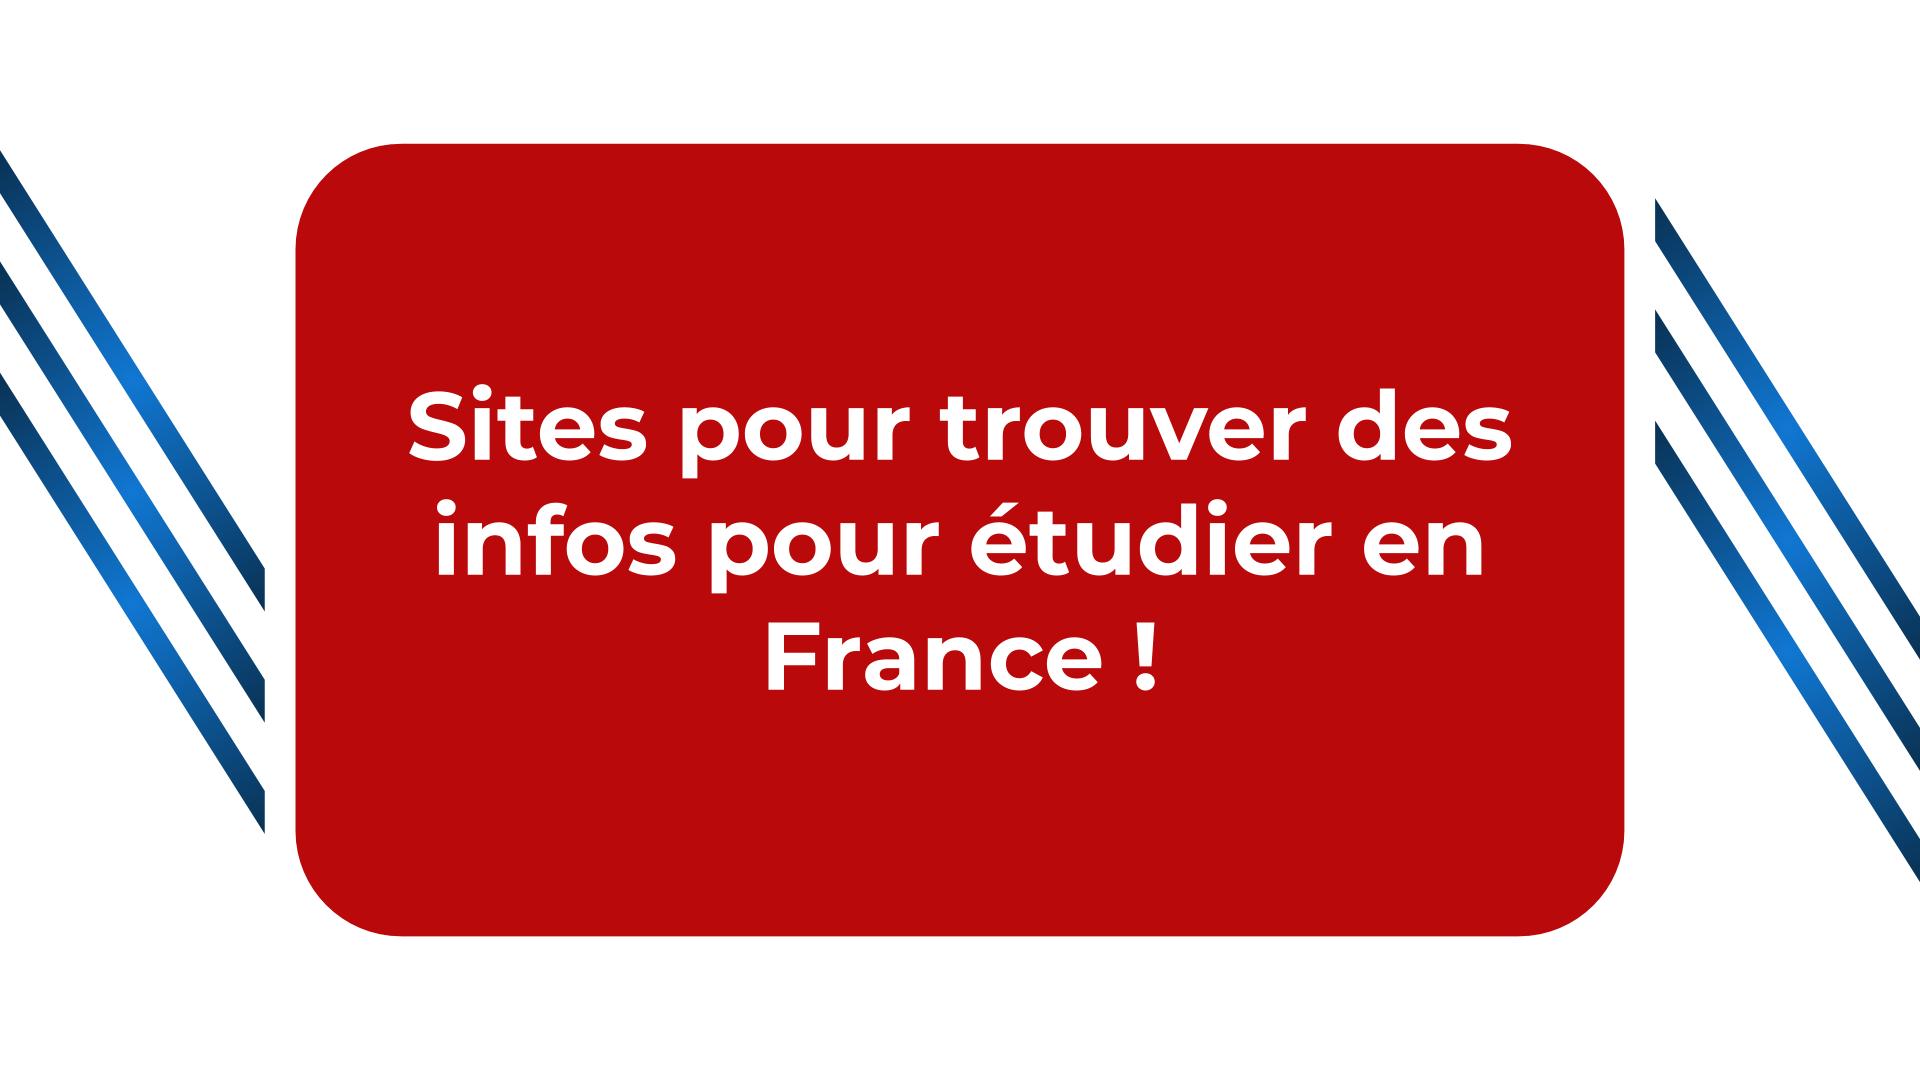 Sites pour trouver des infos pour étudier en France !